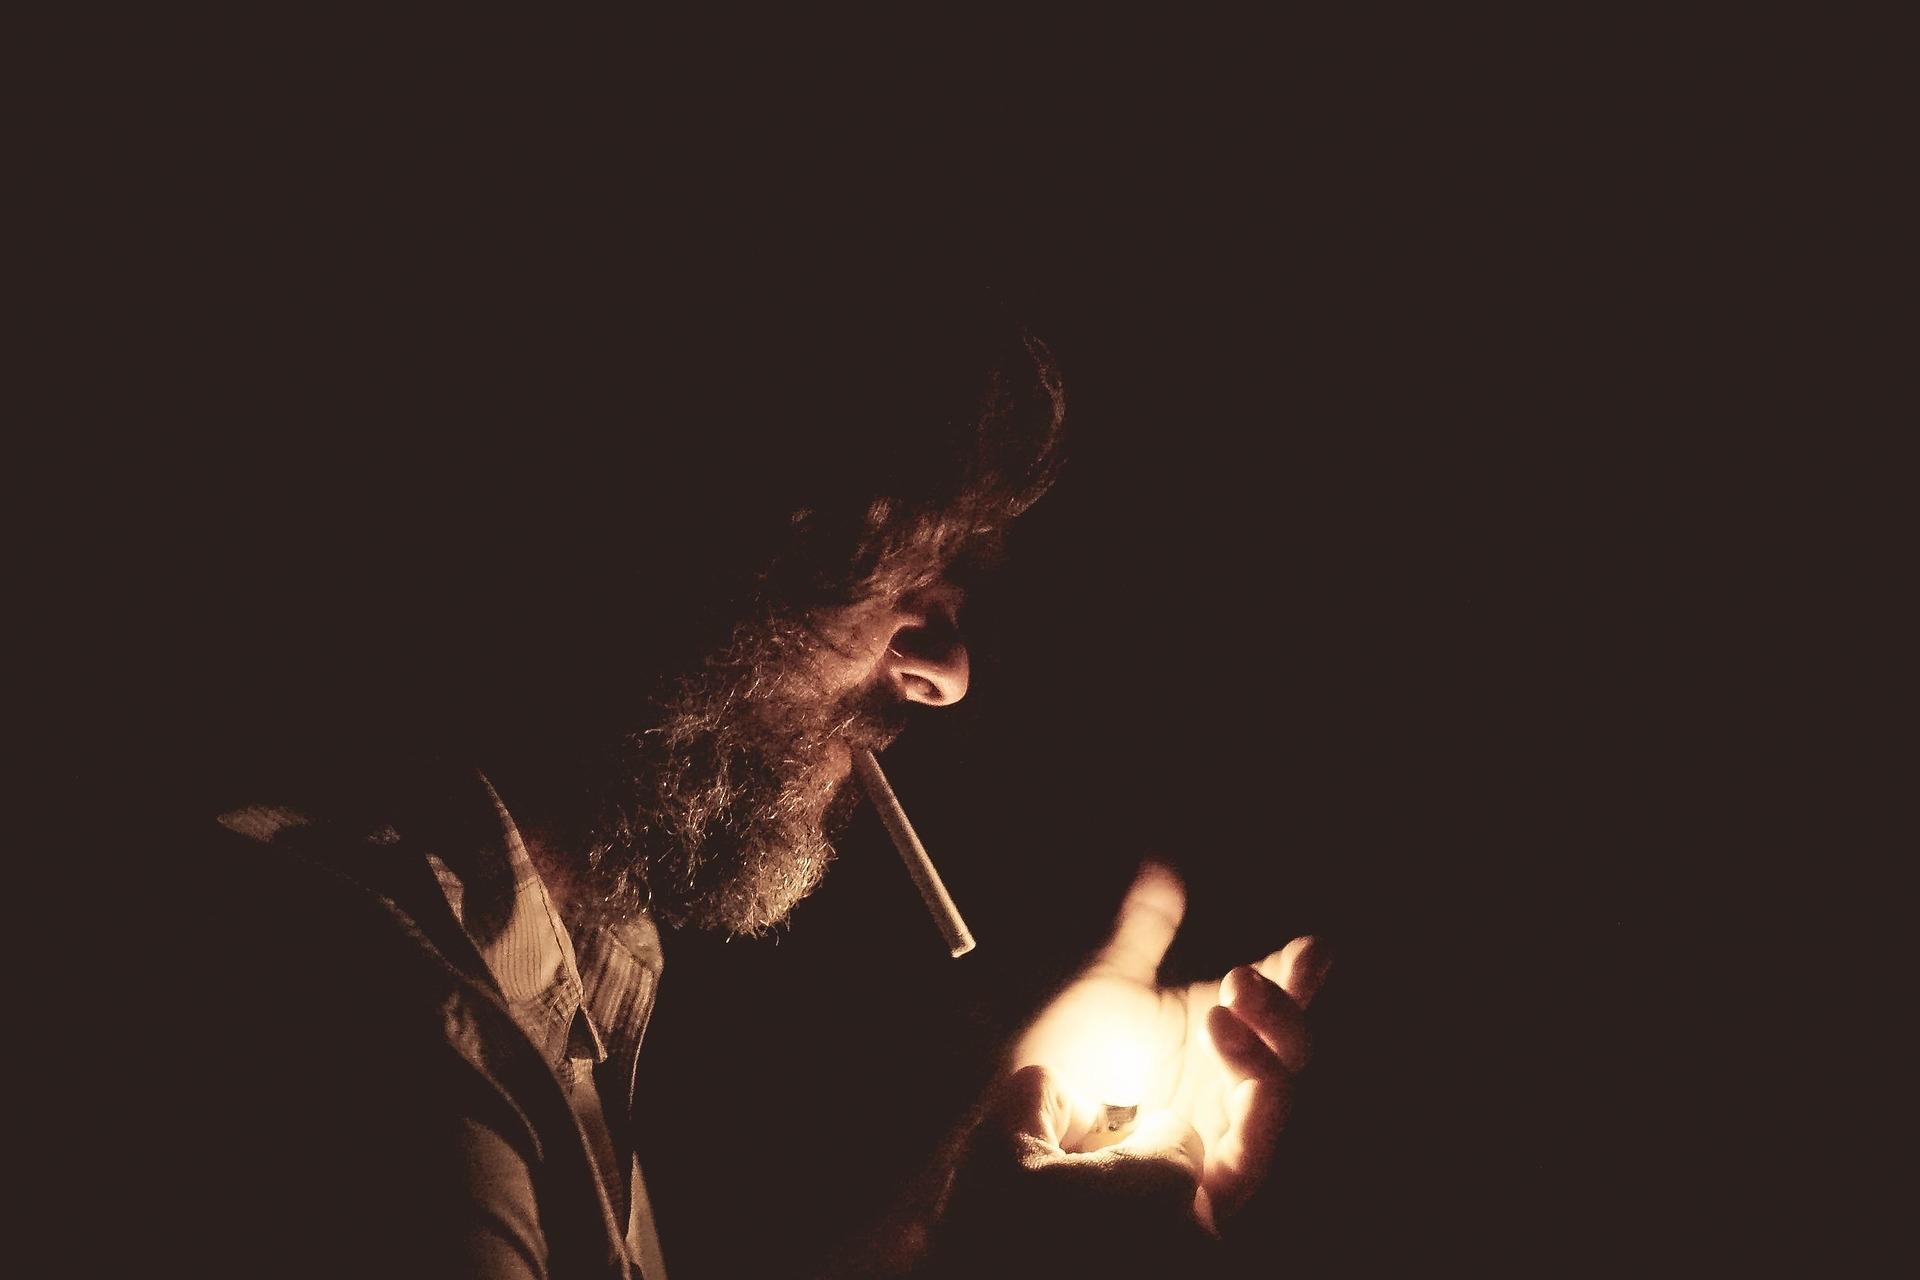 A man smokes cigarettes in the dark.